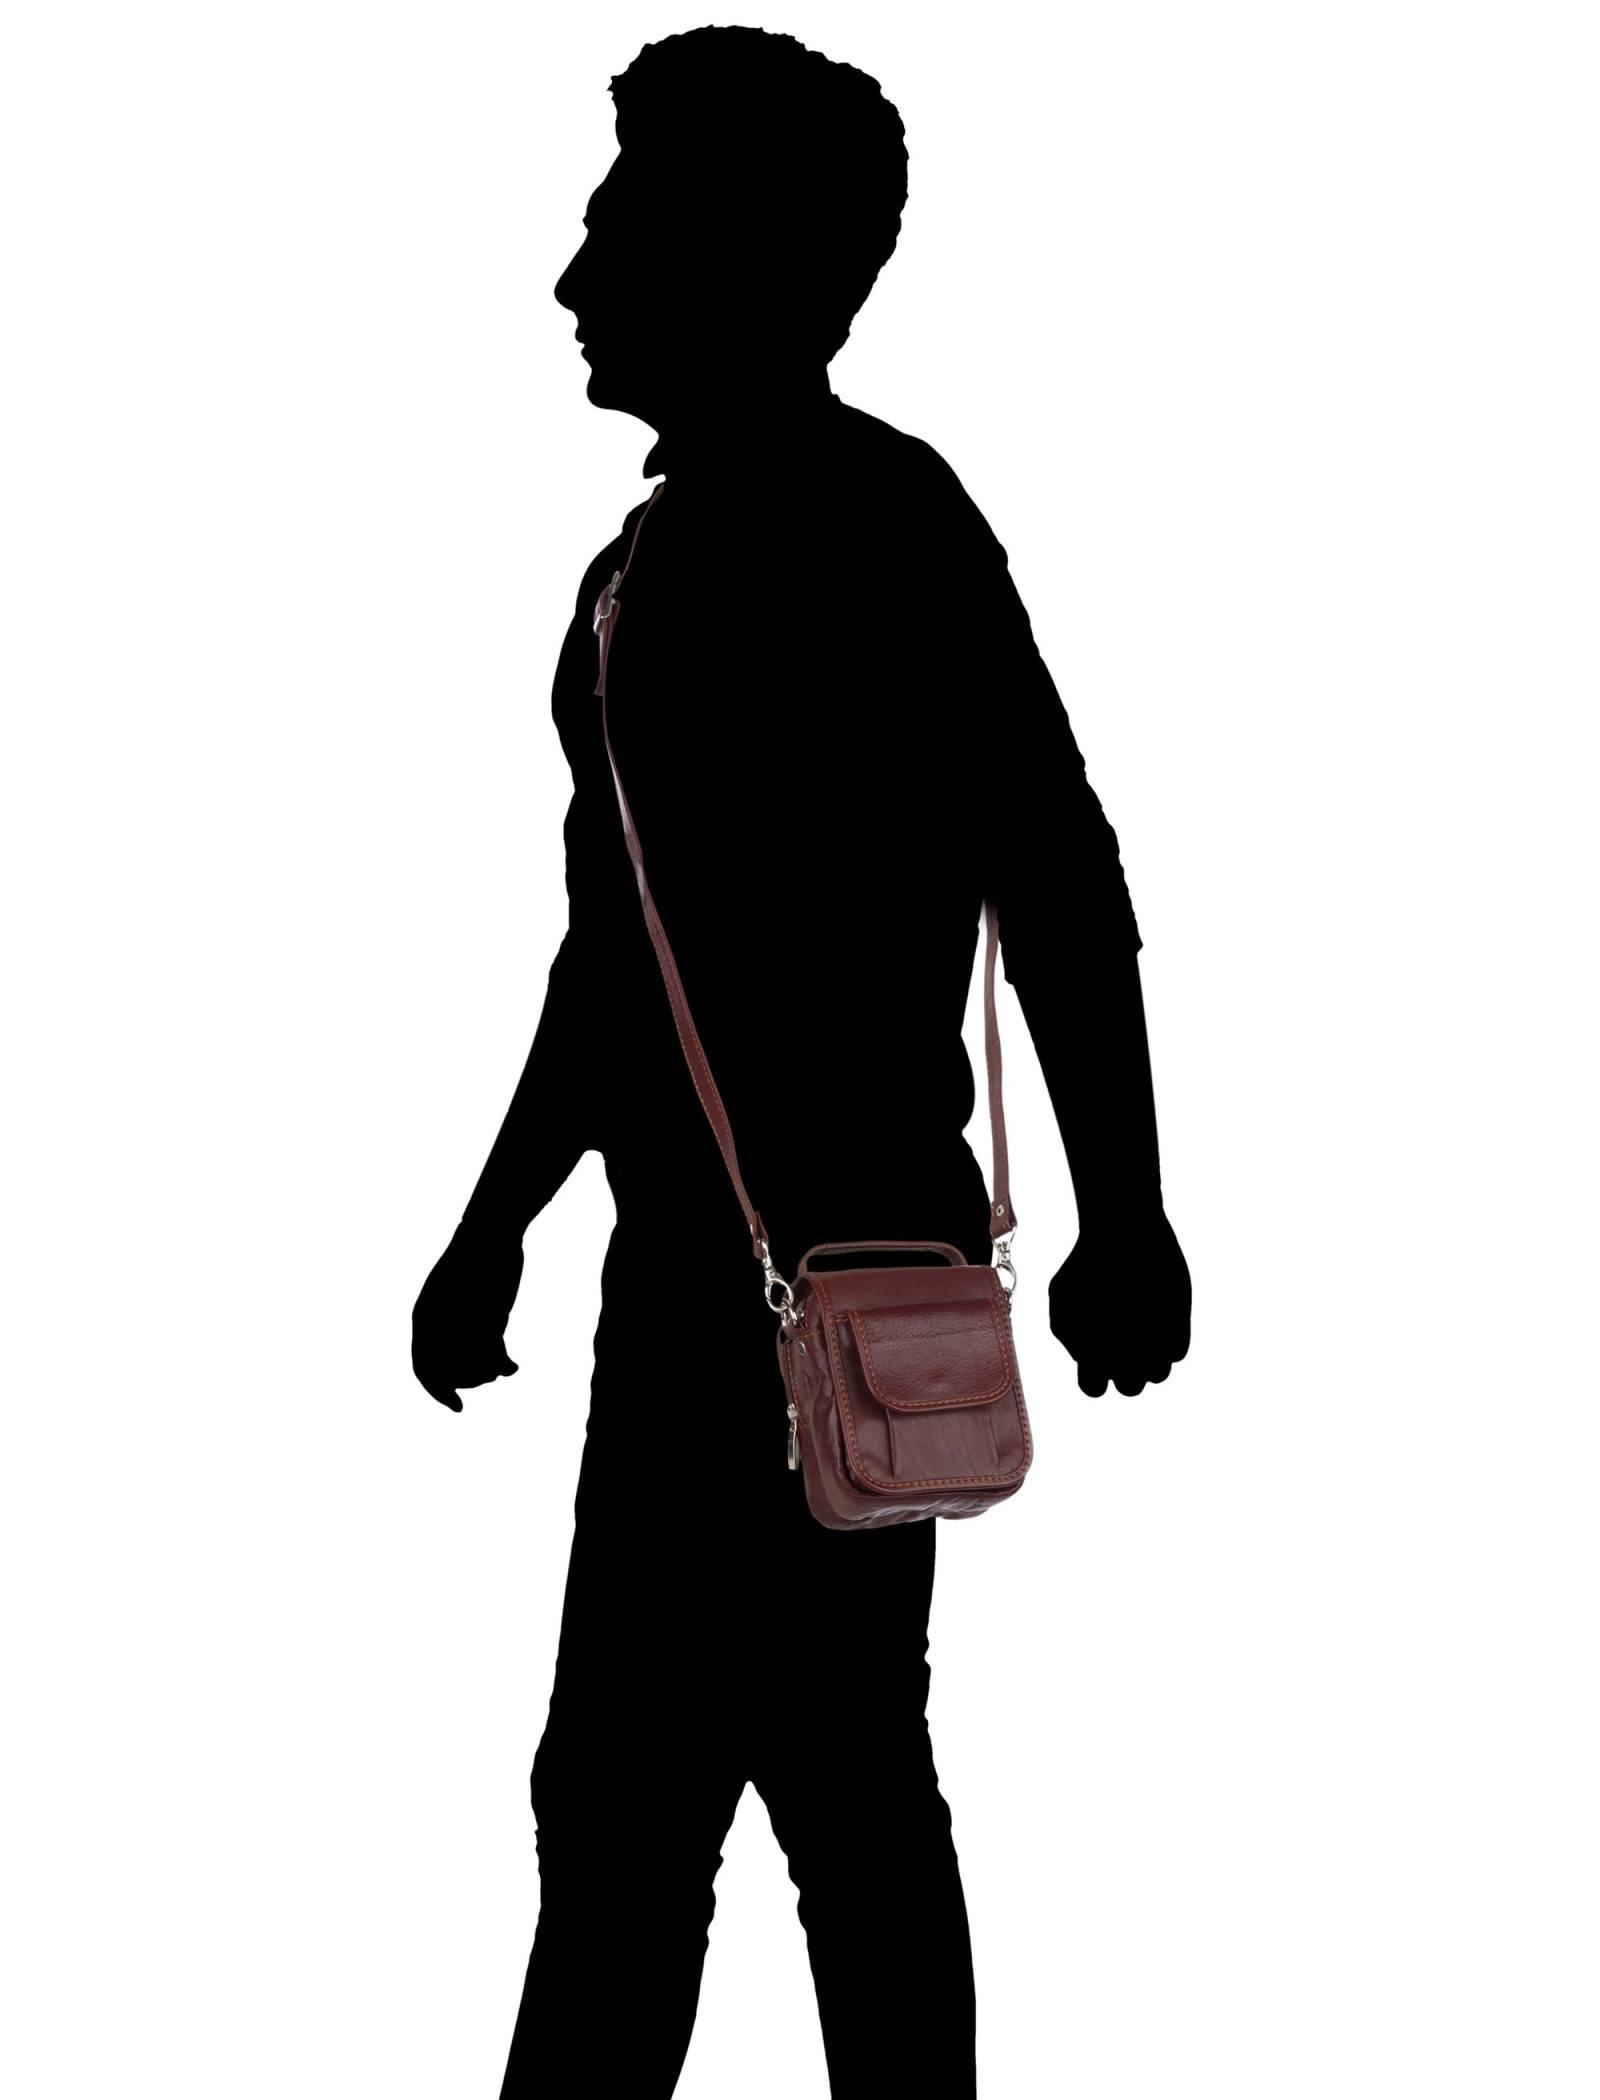 کیف پاسپورتی چرم مردانه - شهر چرم - سماقي - 7